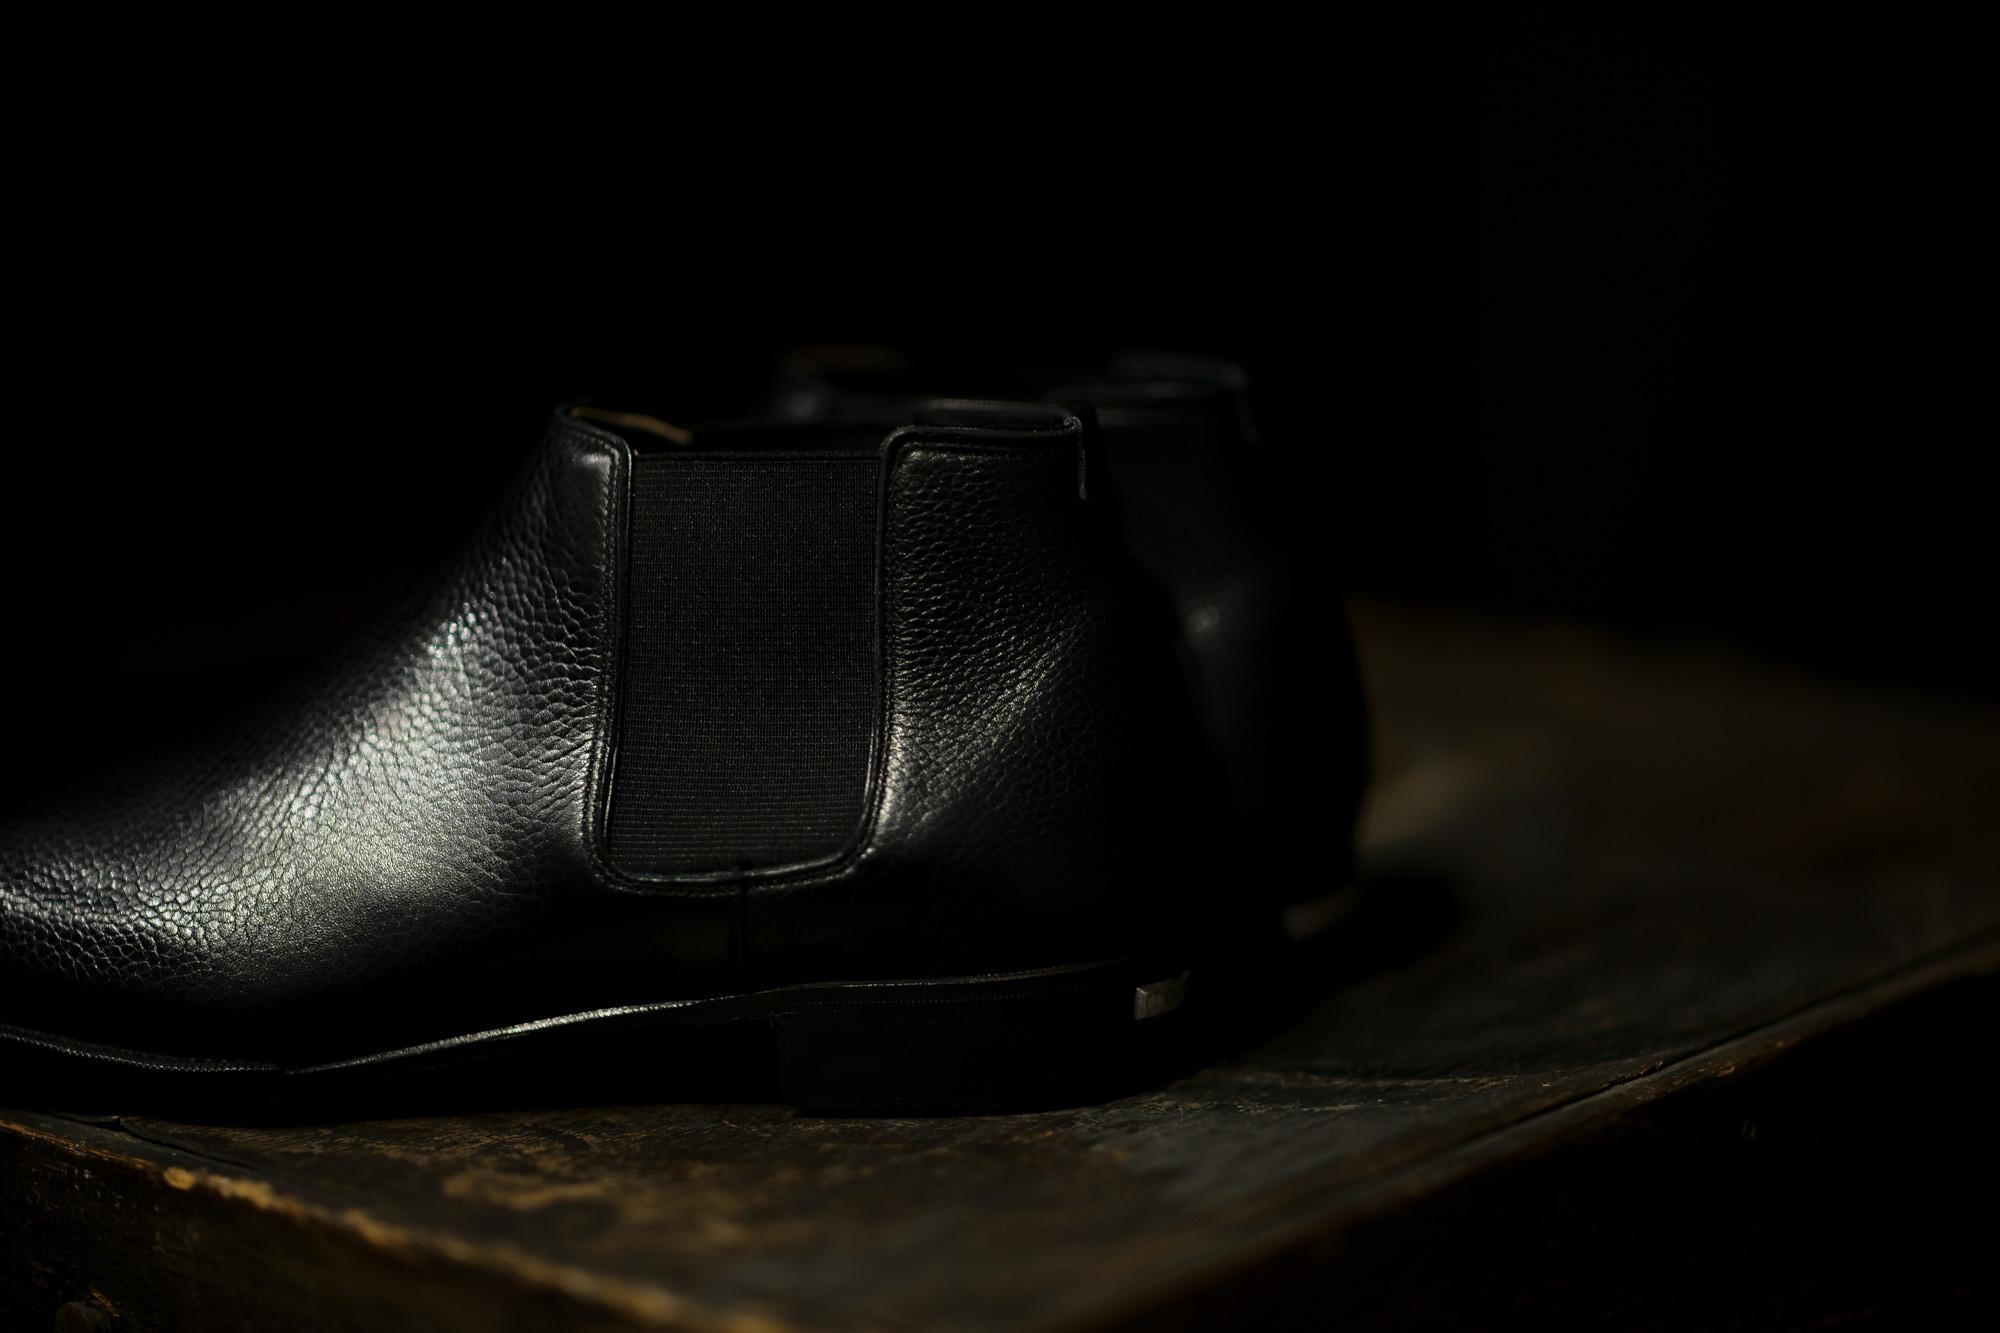 Georges de Patricia(ジョルジュ ド パトリシア) Diablo (ディアブロ) 925 STERLING SILVER (925 スターリングシルバー) Shrunken Calf (シュランケンカーフ) サイドゴアブーツ NOIR (ブラック) 2019 春夏新作 【Special Boots】【第2便ご予約受付中】アルトエデリット ジョルジュドパトリシア ブーツ 超絶ブーツ ランボルギーニ ディアブロ lamborghini